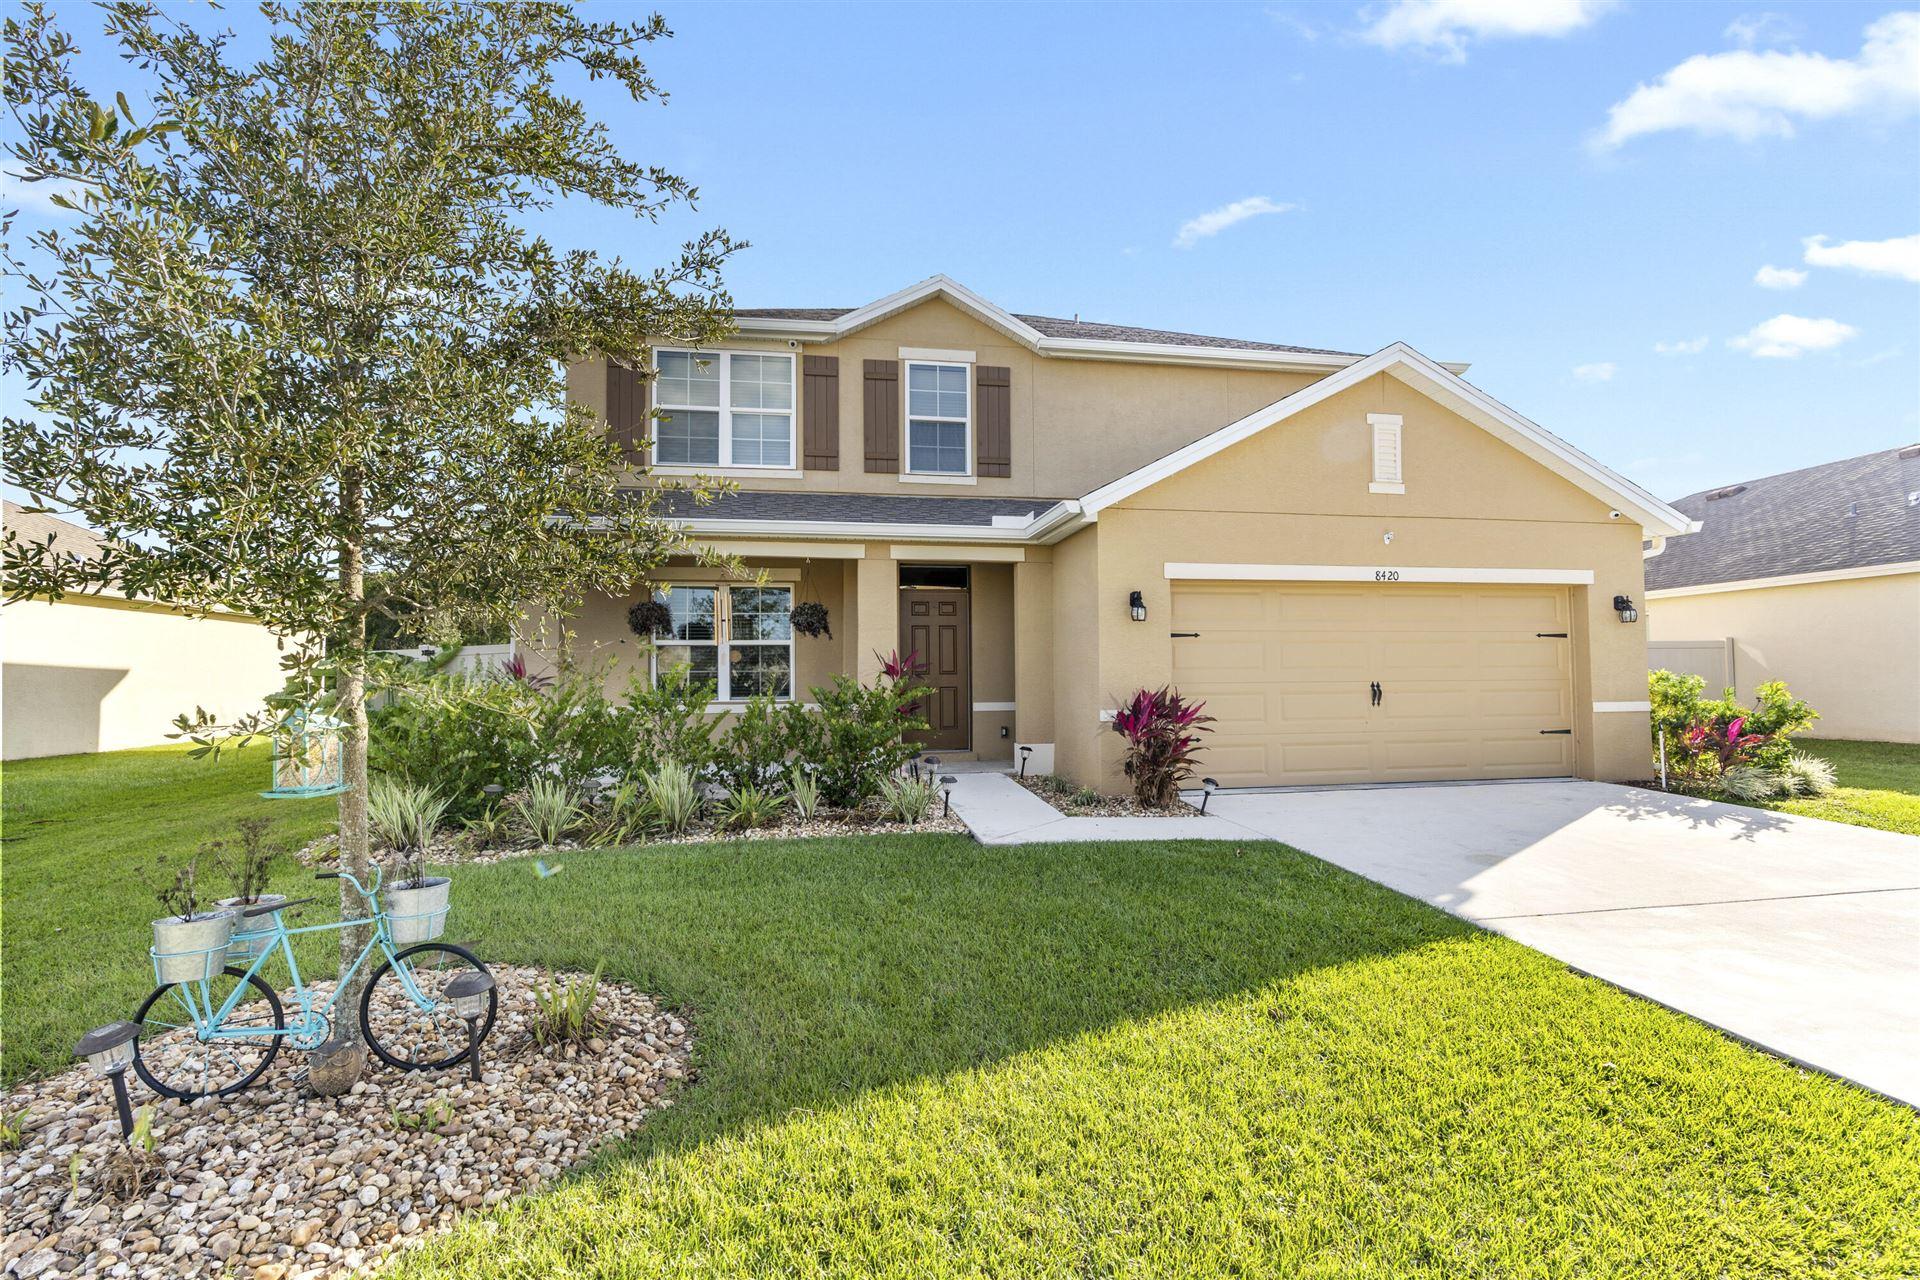 8420 Cobblestone Drive, Fort Pierce, FL 34945 - MLS#: RX-10750294